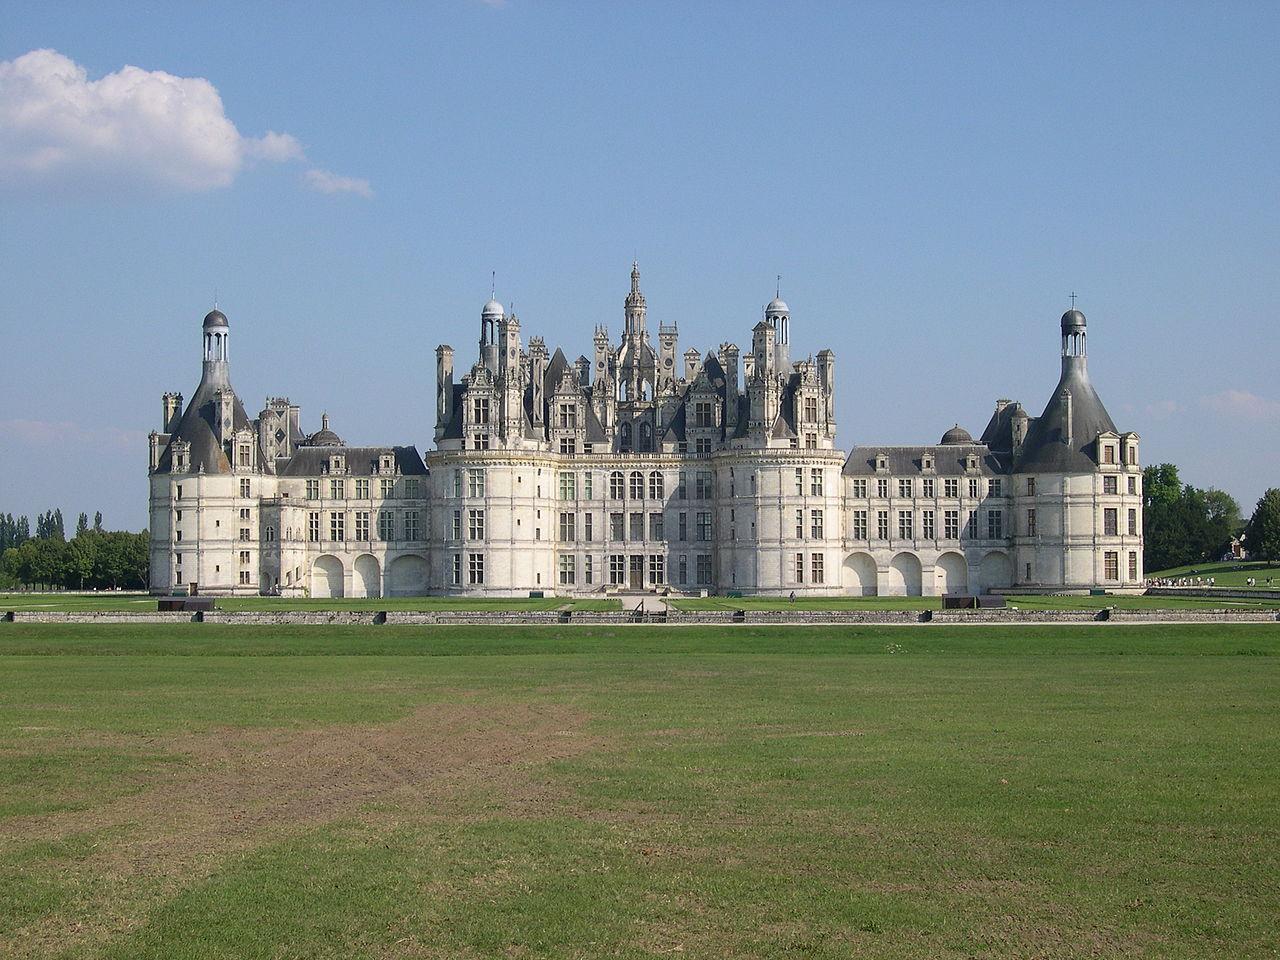 Imagen del castillo de Chambord